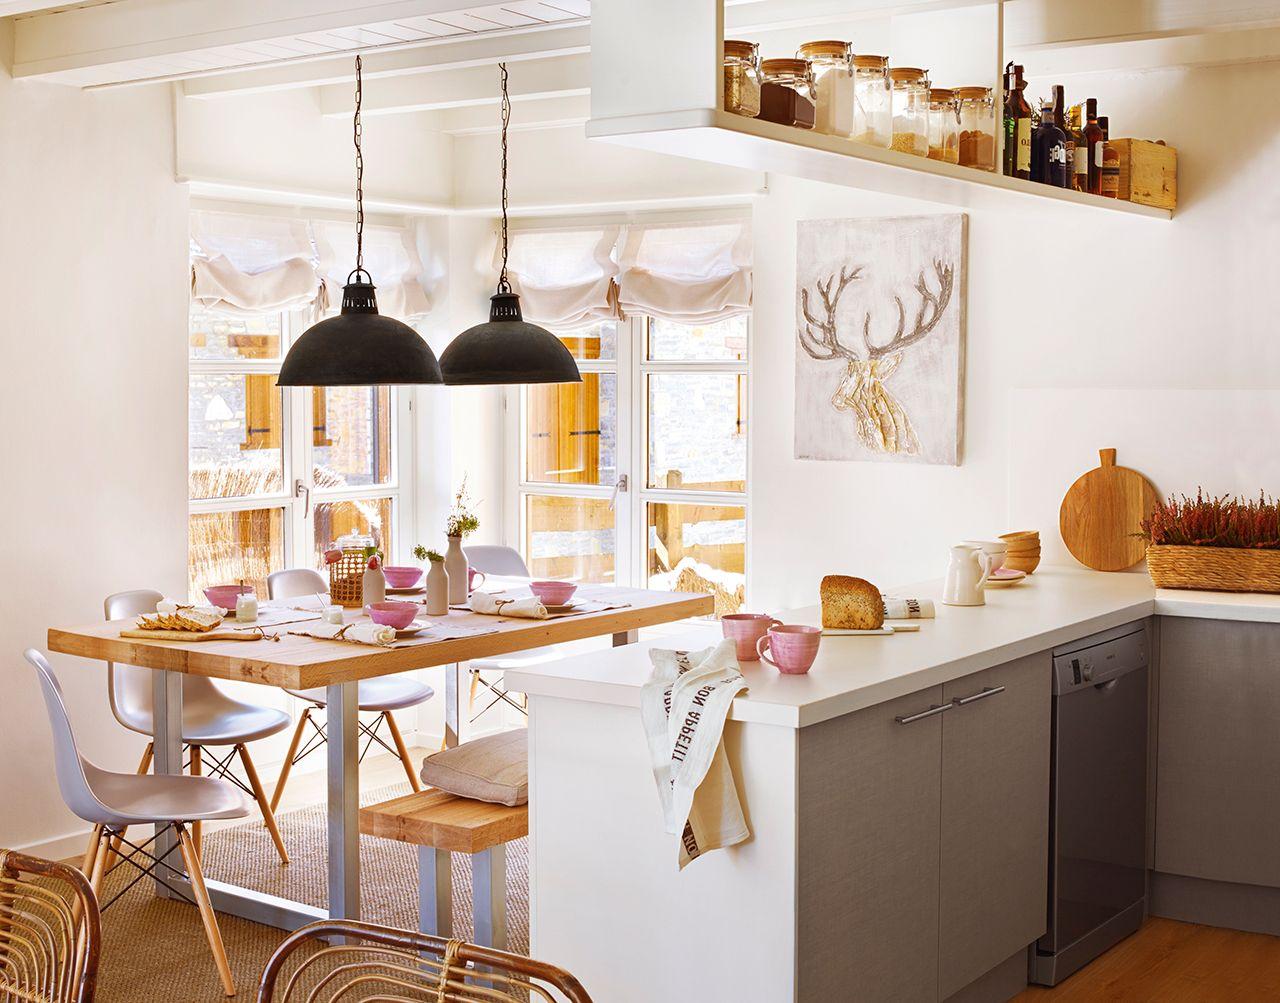 Cocina peque a y en blanco abierta al comedor cocinas for Cocinas abiertas al comedor